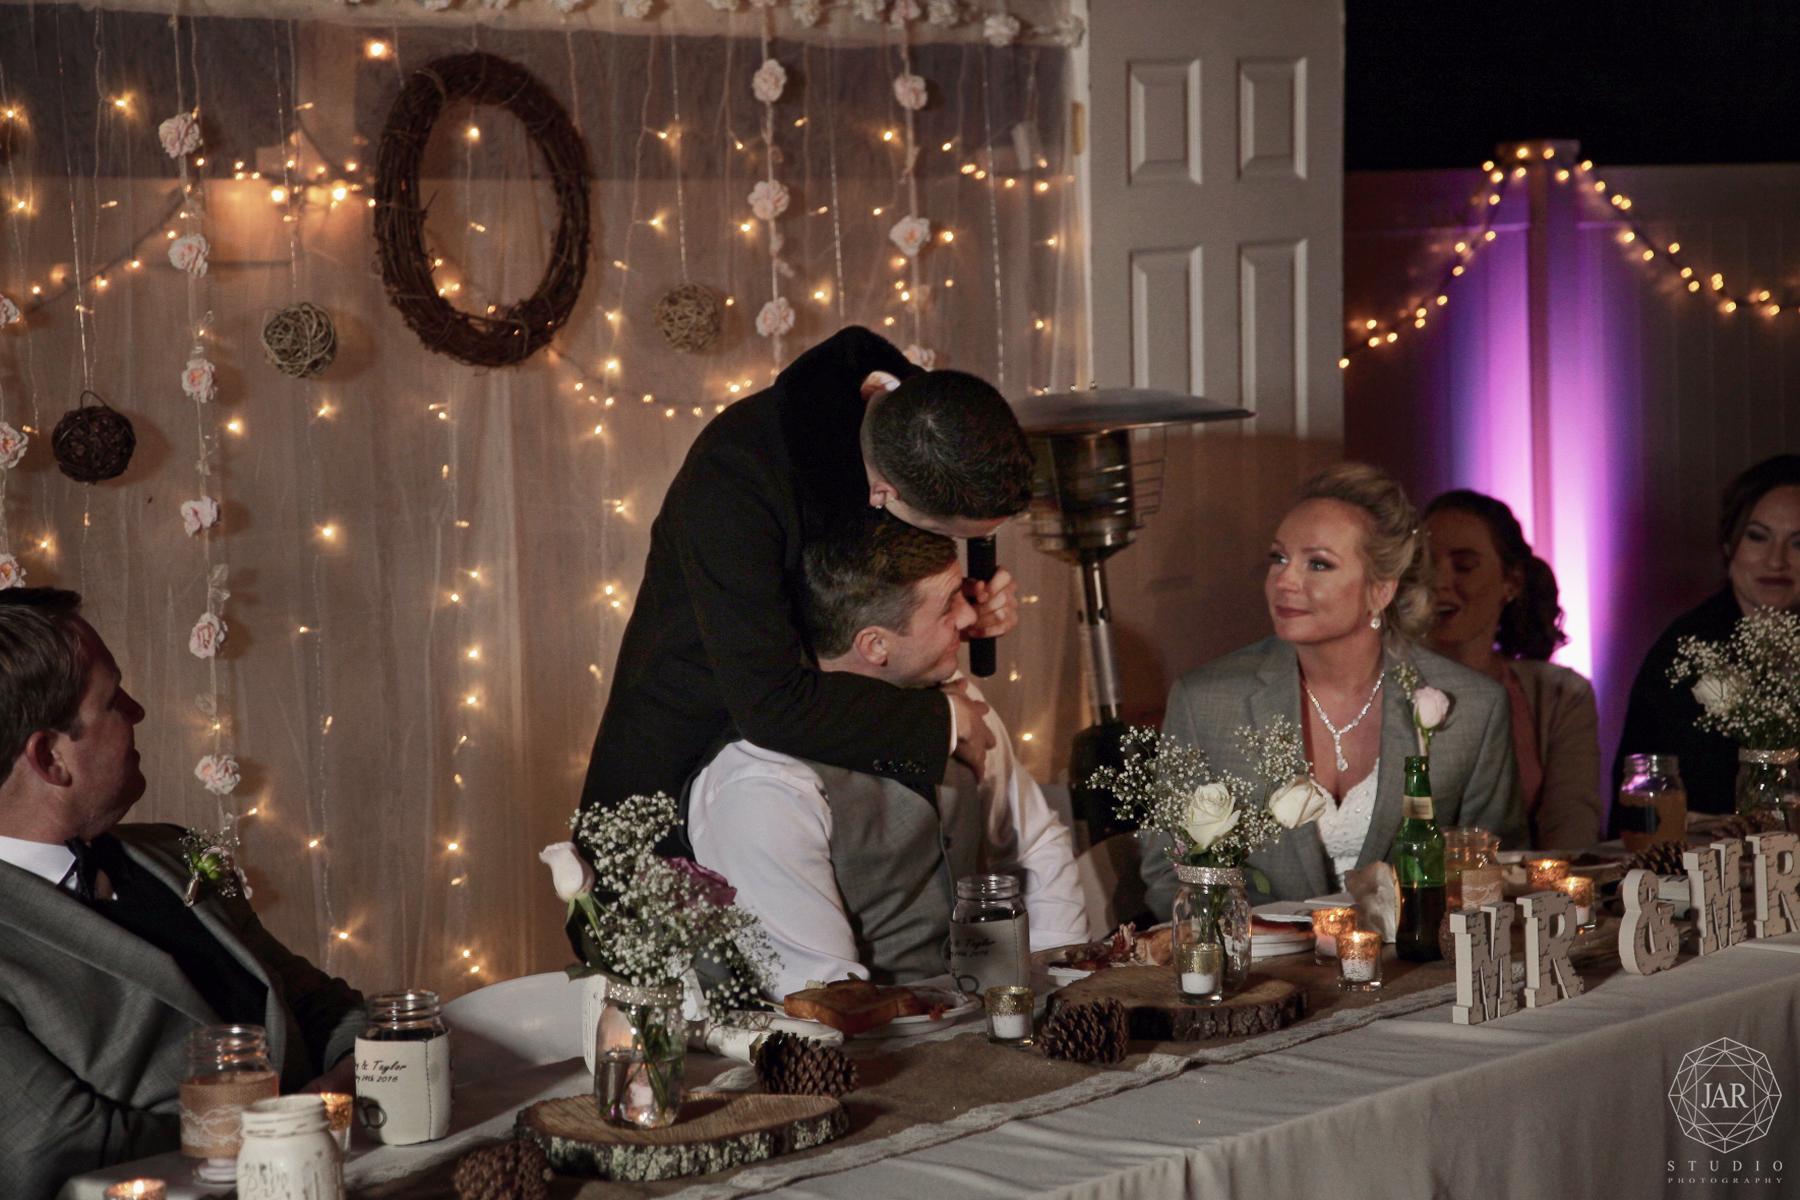 45-background-toast-lights-flowers-wedding-jarstudio.JPG